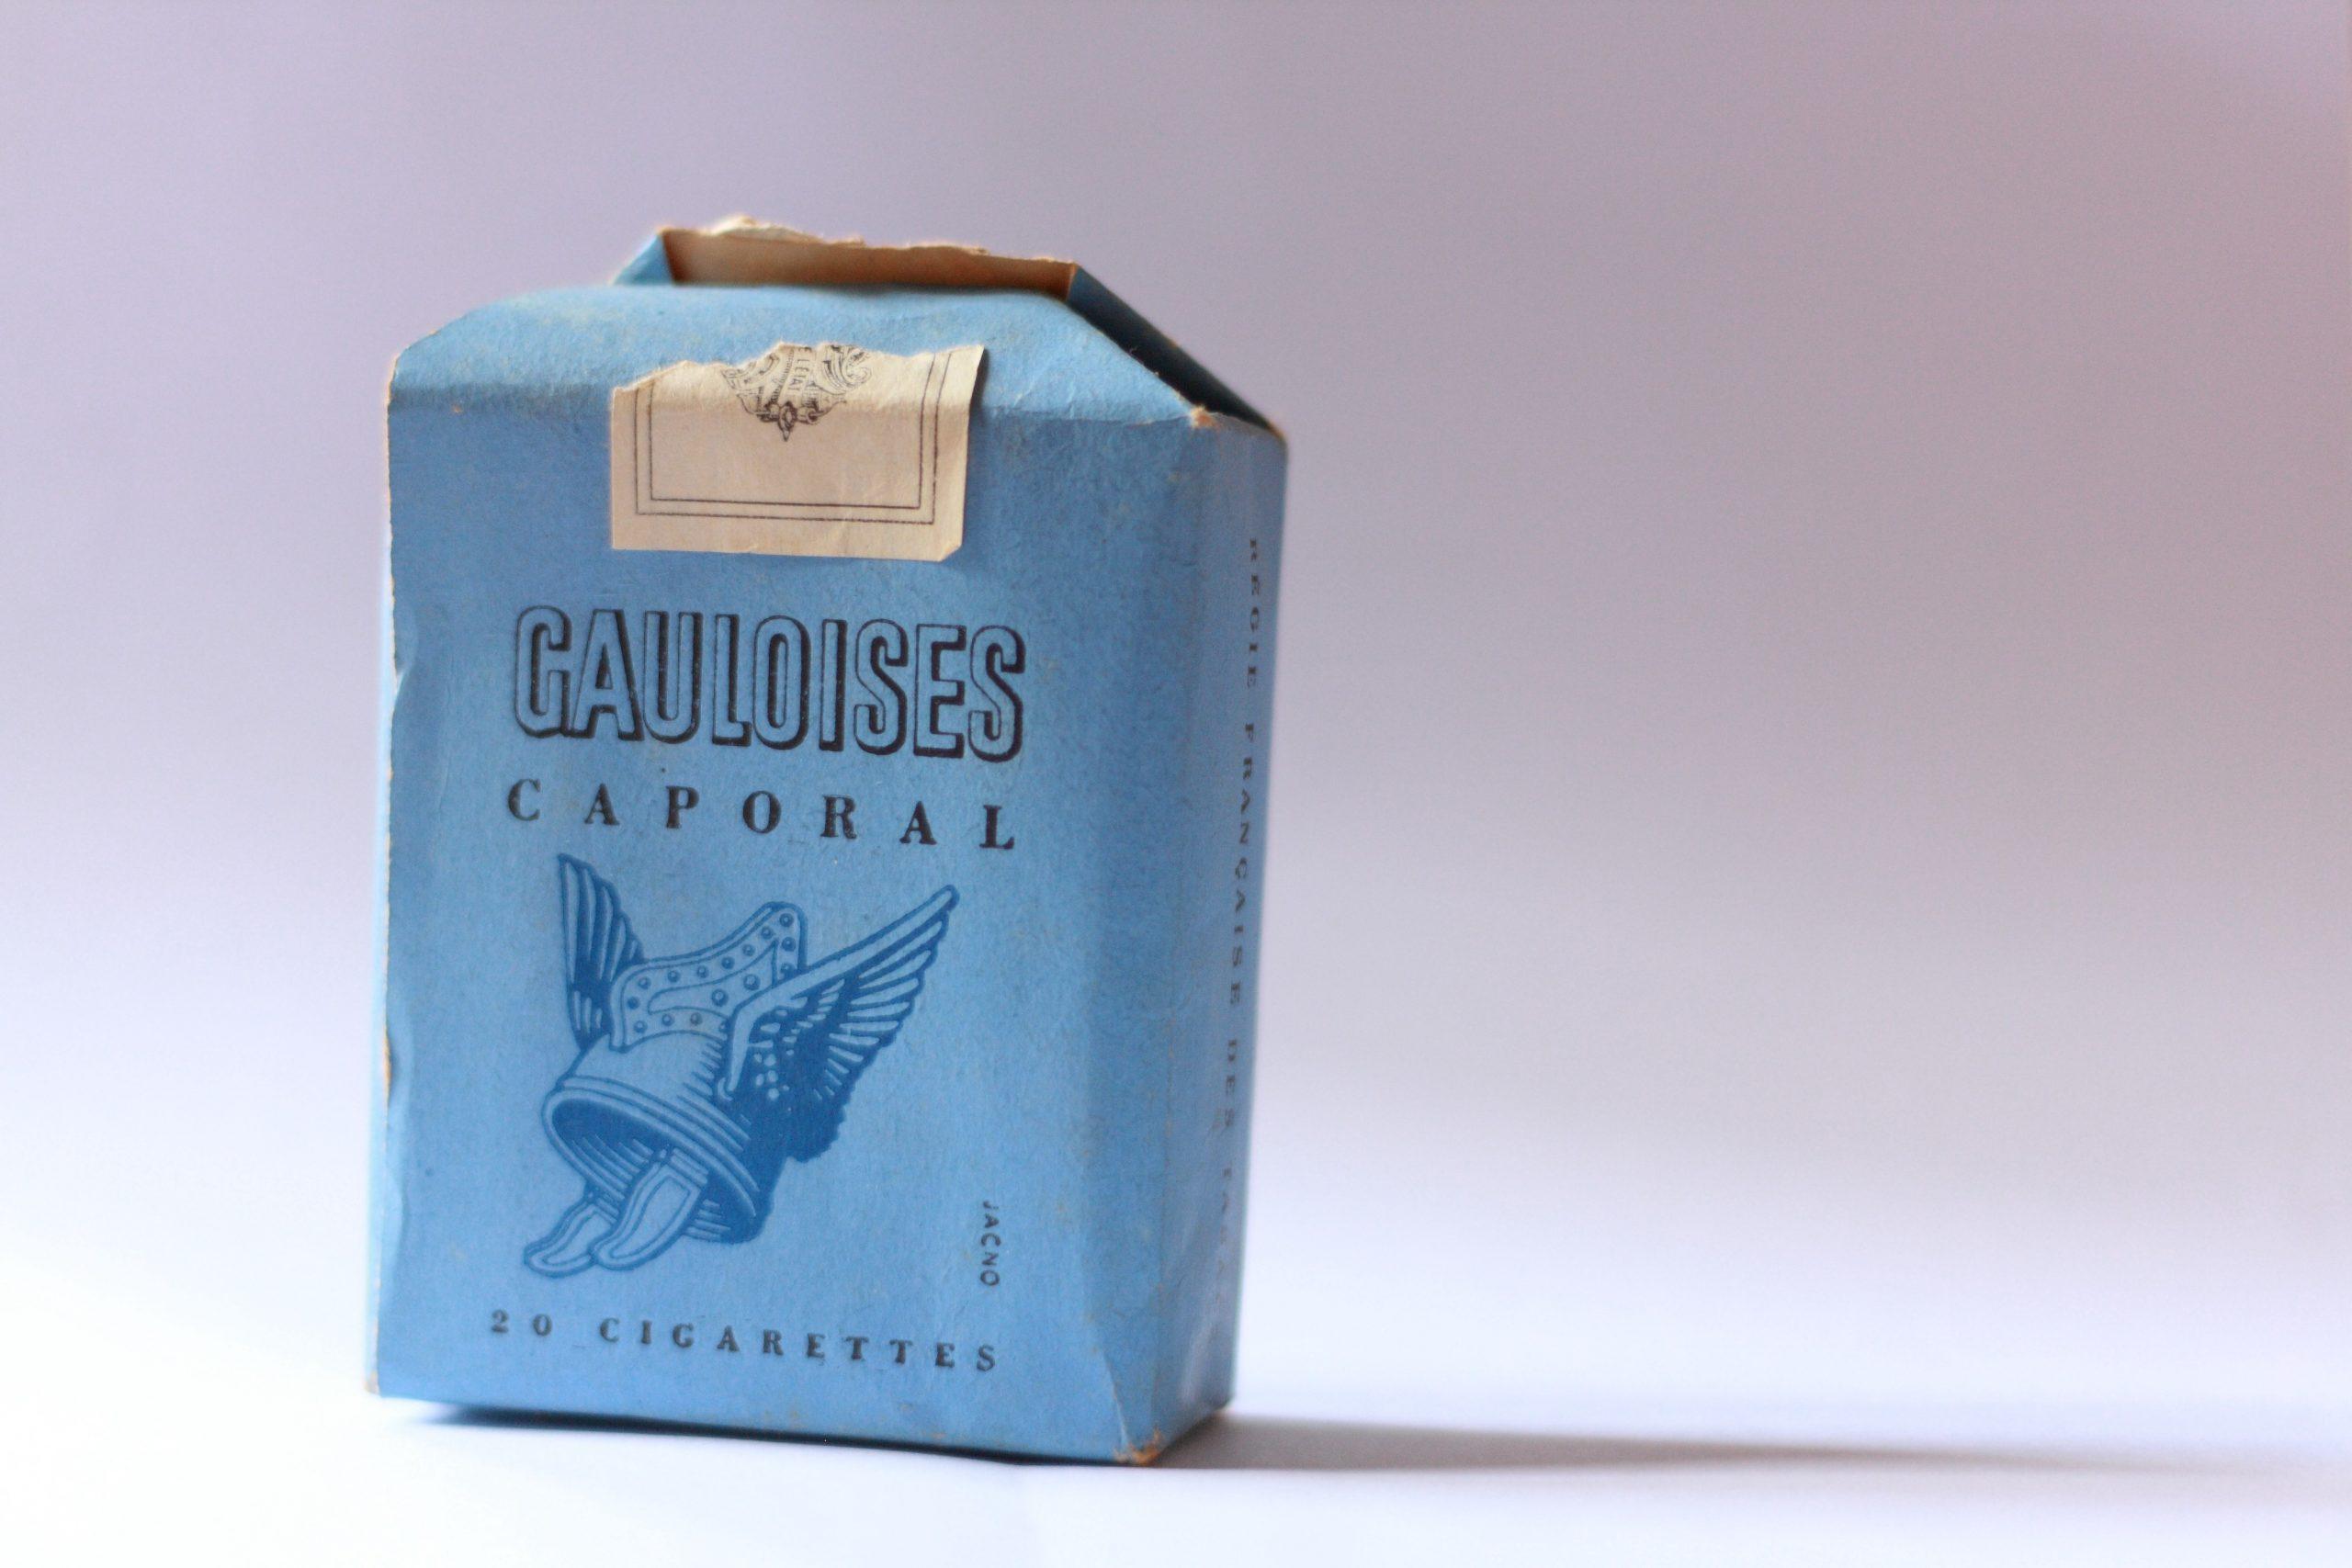 gauloises cigarettes scaled